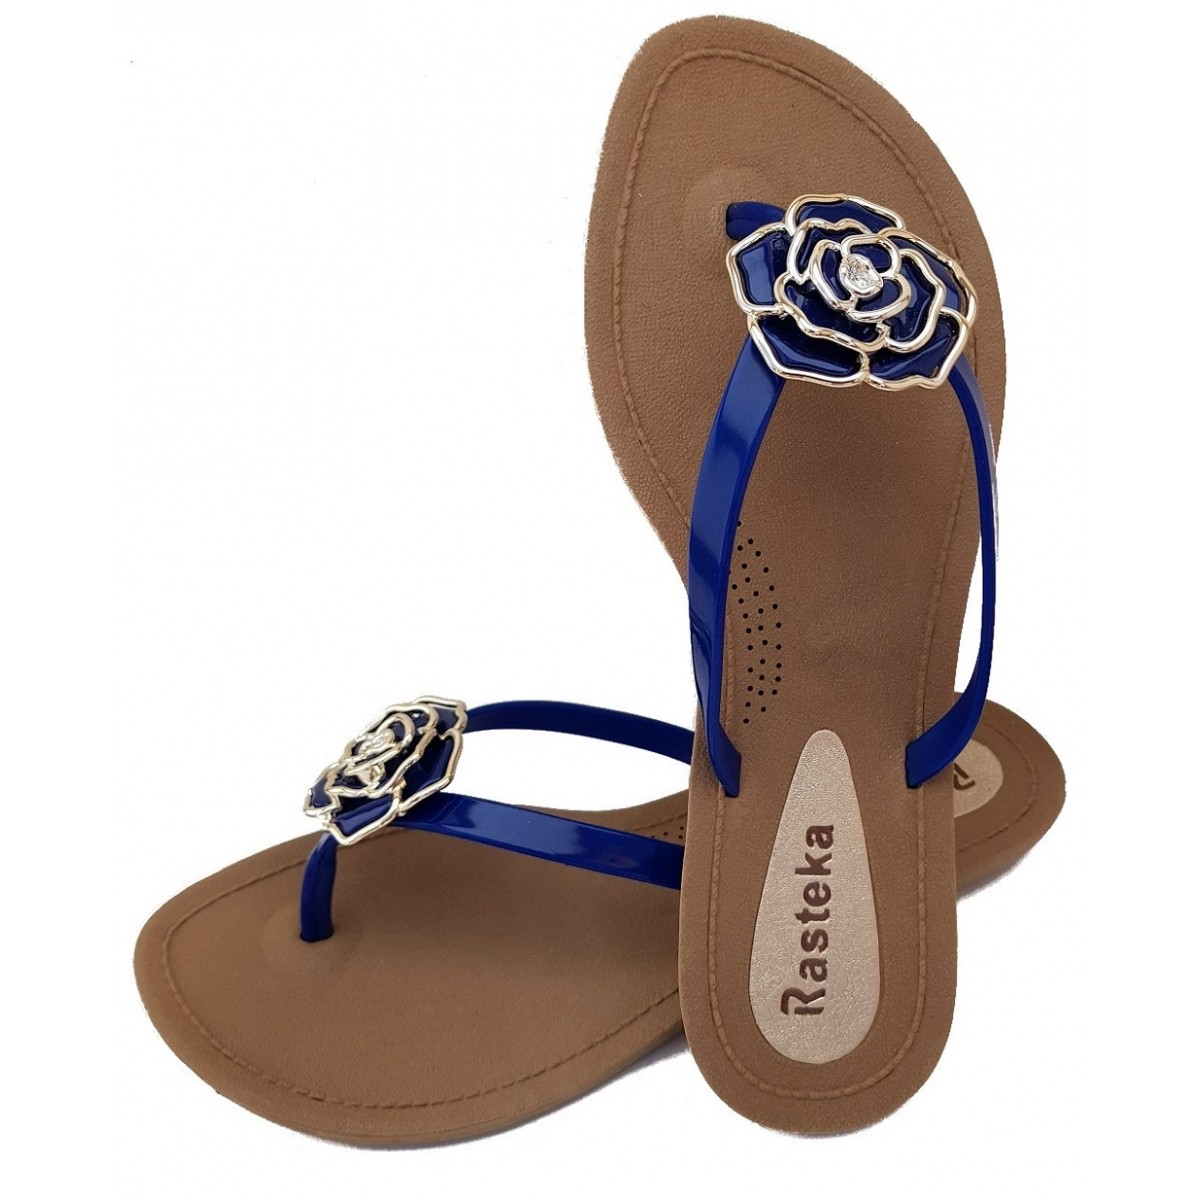 Sandália Rasteira Rasteka Super Confortável - Flor Azul e Prata, Solado Bege e Tiras Azuis  - ShopNoroeste.com.br